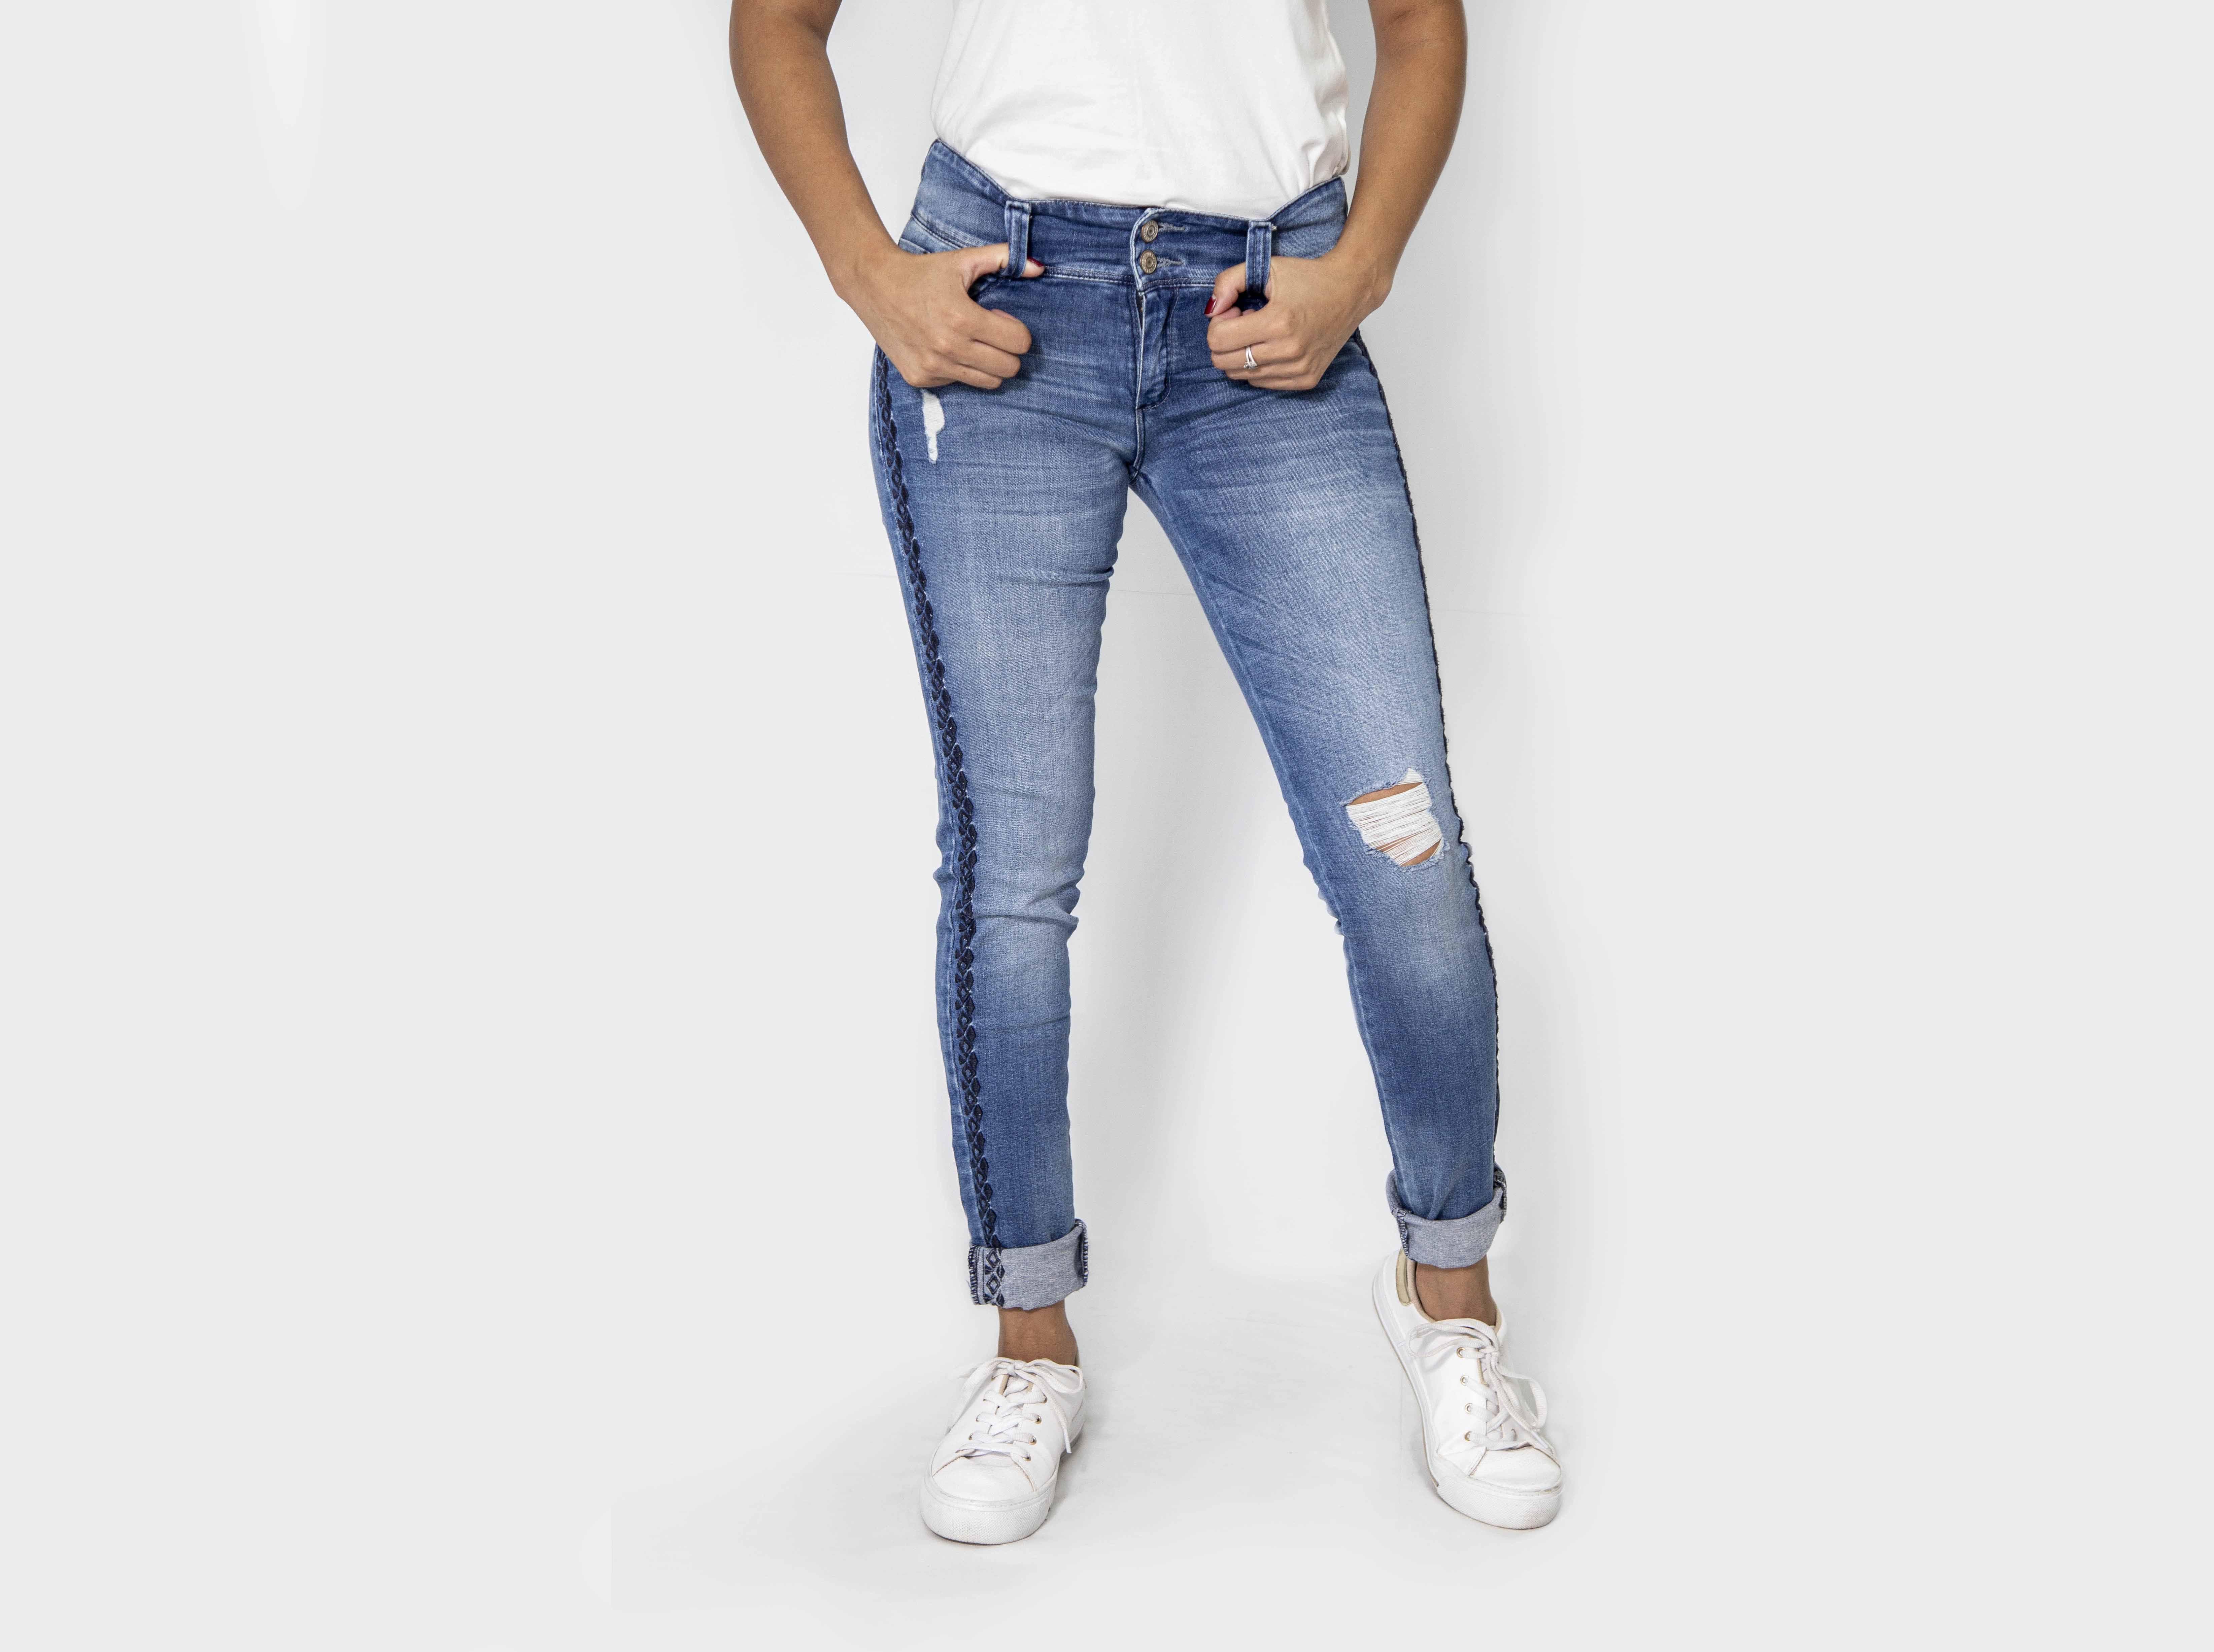 Corton Jeans Roto con Bordado Cod. 1190279